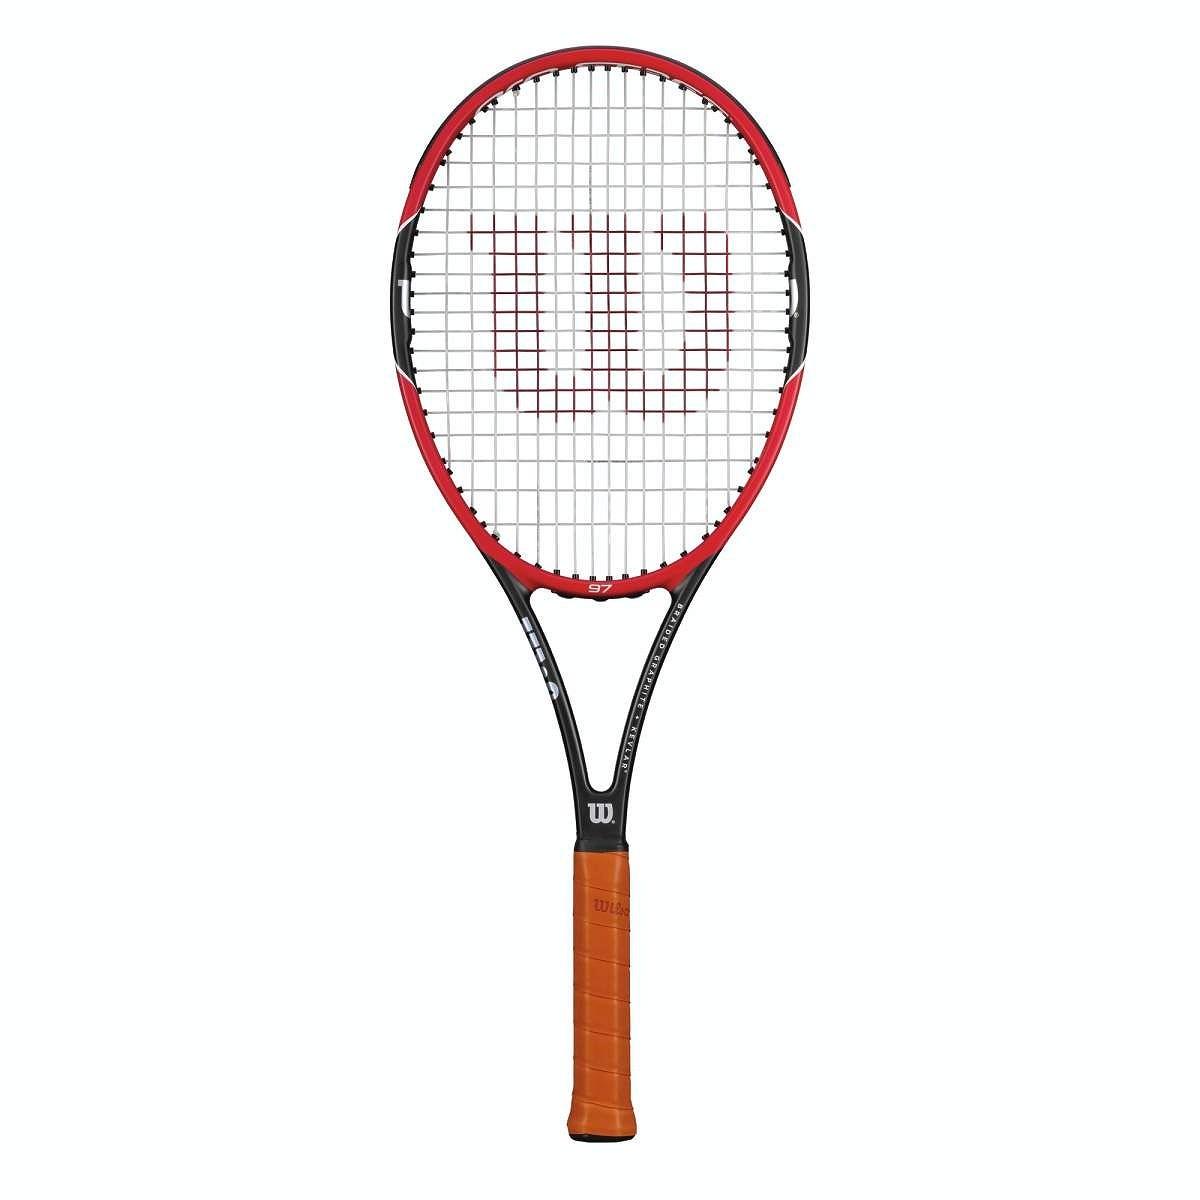 Rakieta tenisowa Wilson Pro Staff 97 - Wyprzedaż!